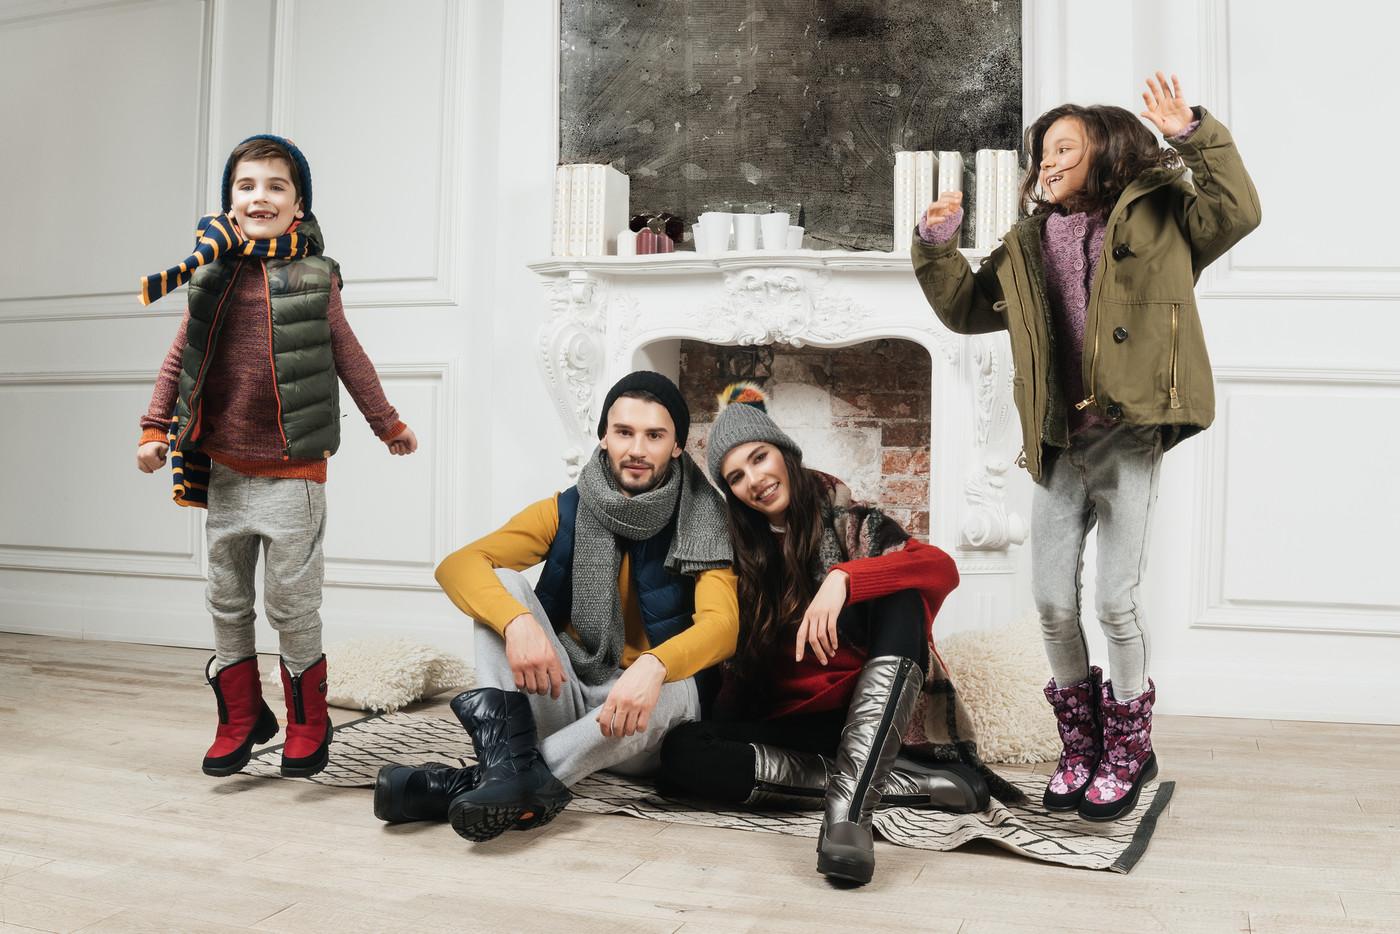 фото семьи реклама обуви приобрести